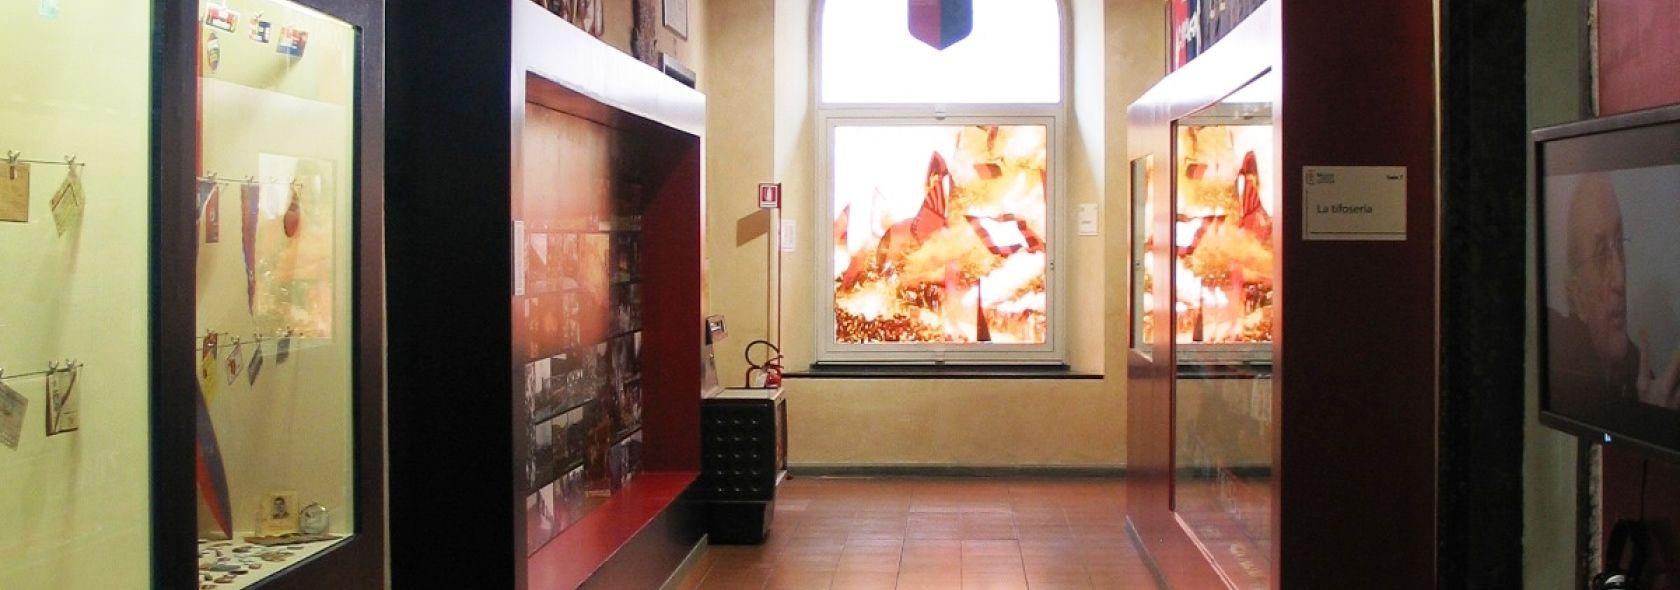 Museo della Storia del Genoa - sala